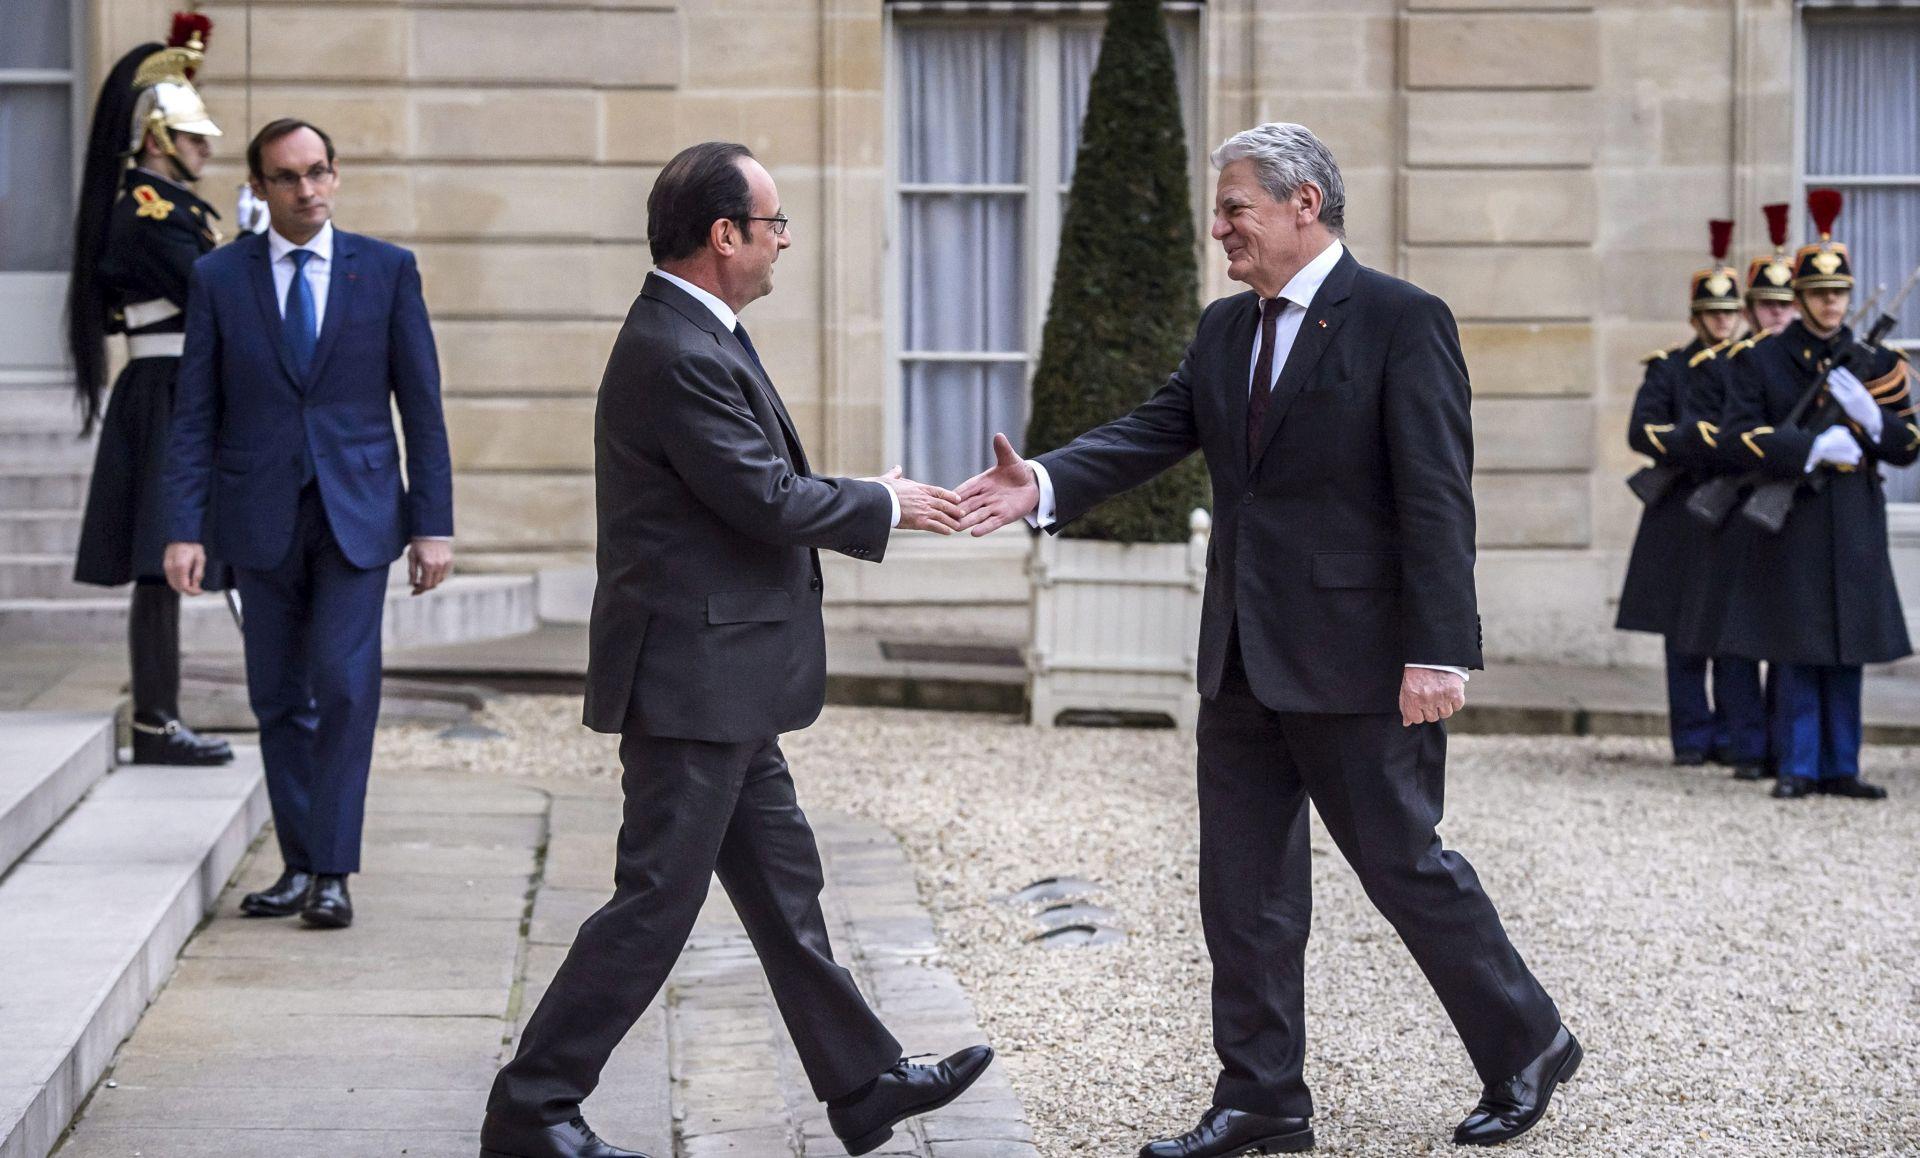 PARIZ Njemački predsjednik Gauck sastao se s Hollandeom